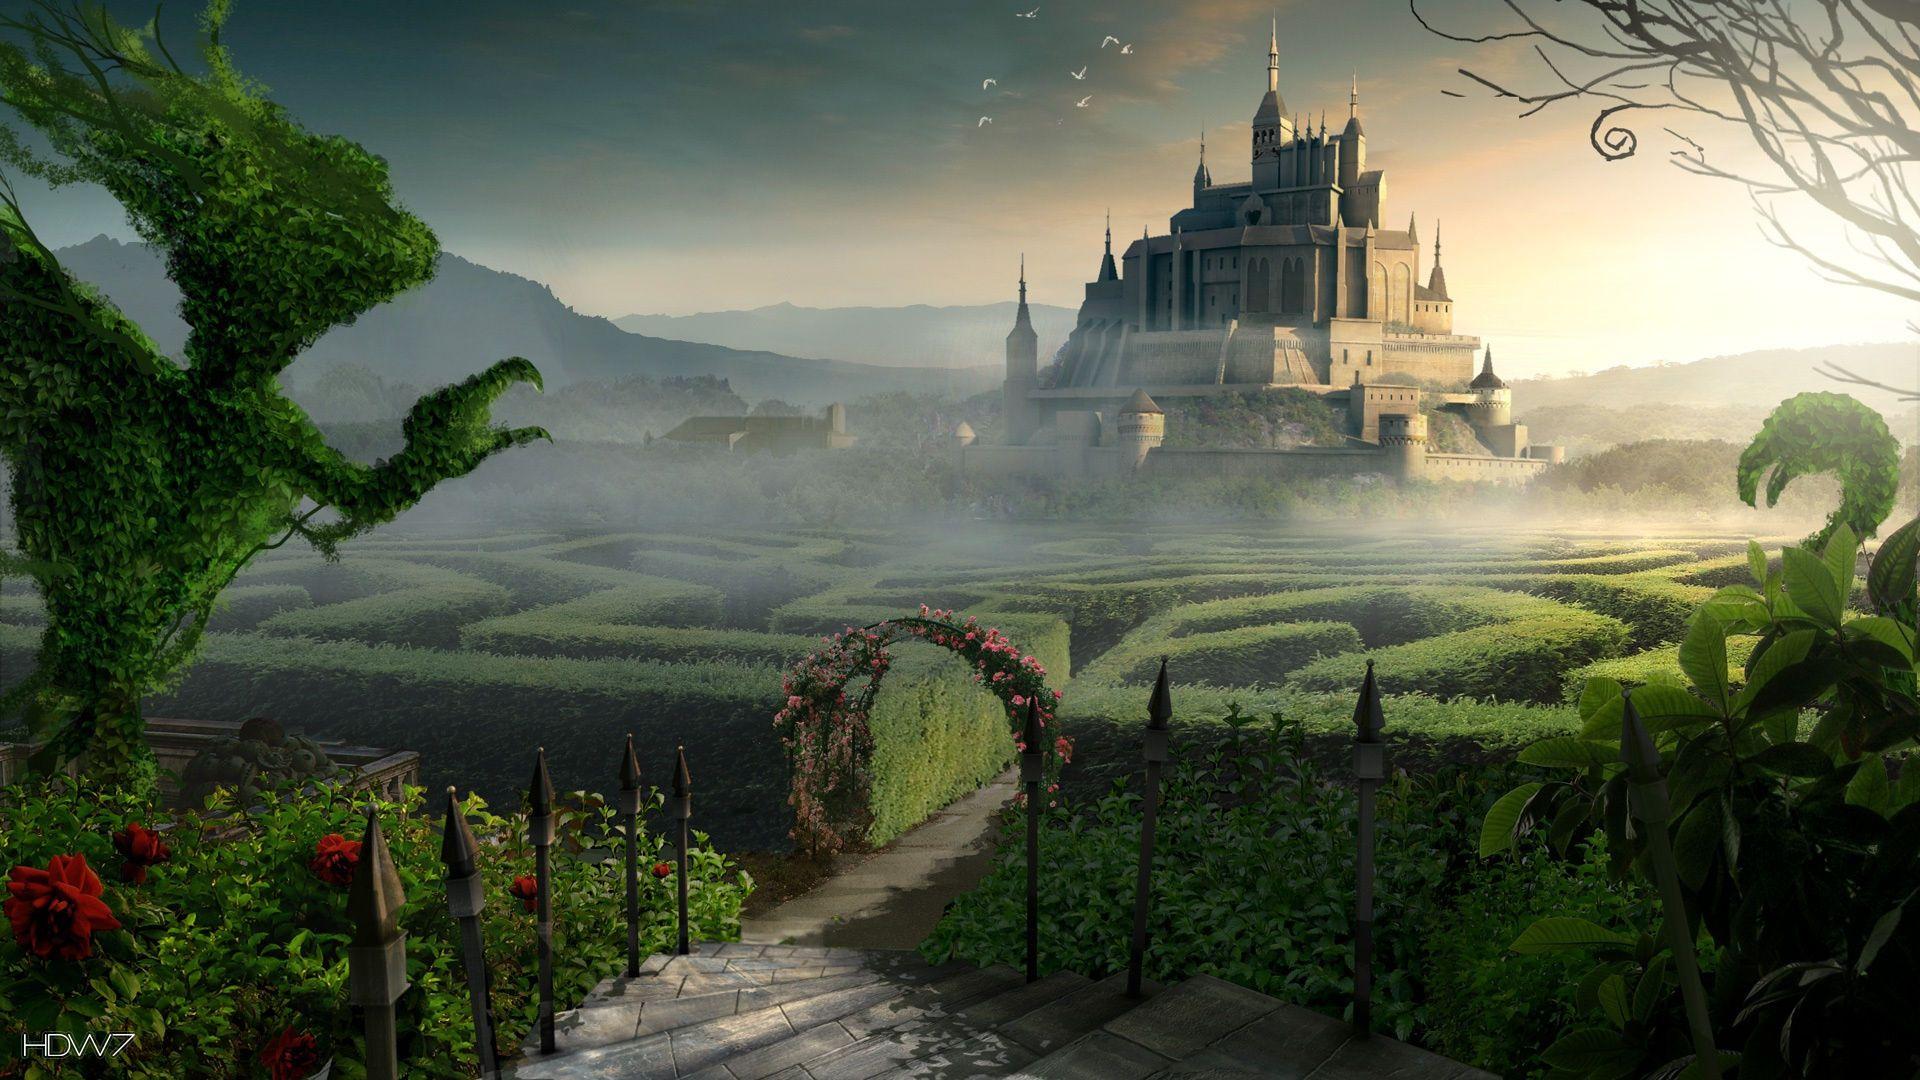 maze castle fantasy desktop 1920x1080 - hd wallpaper gallery #307